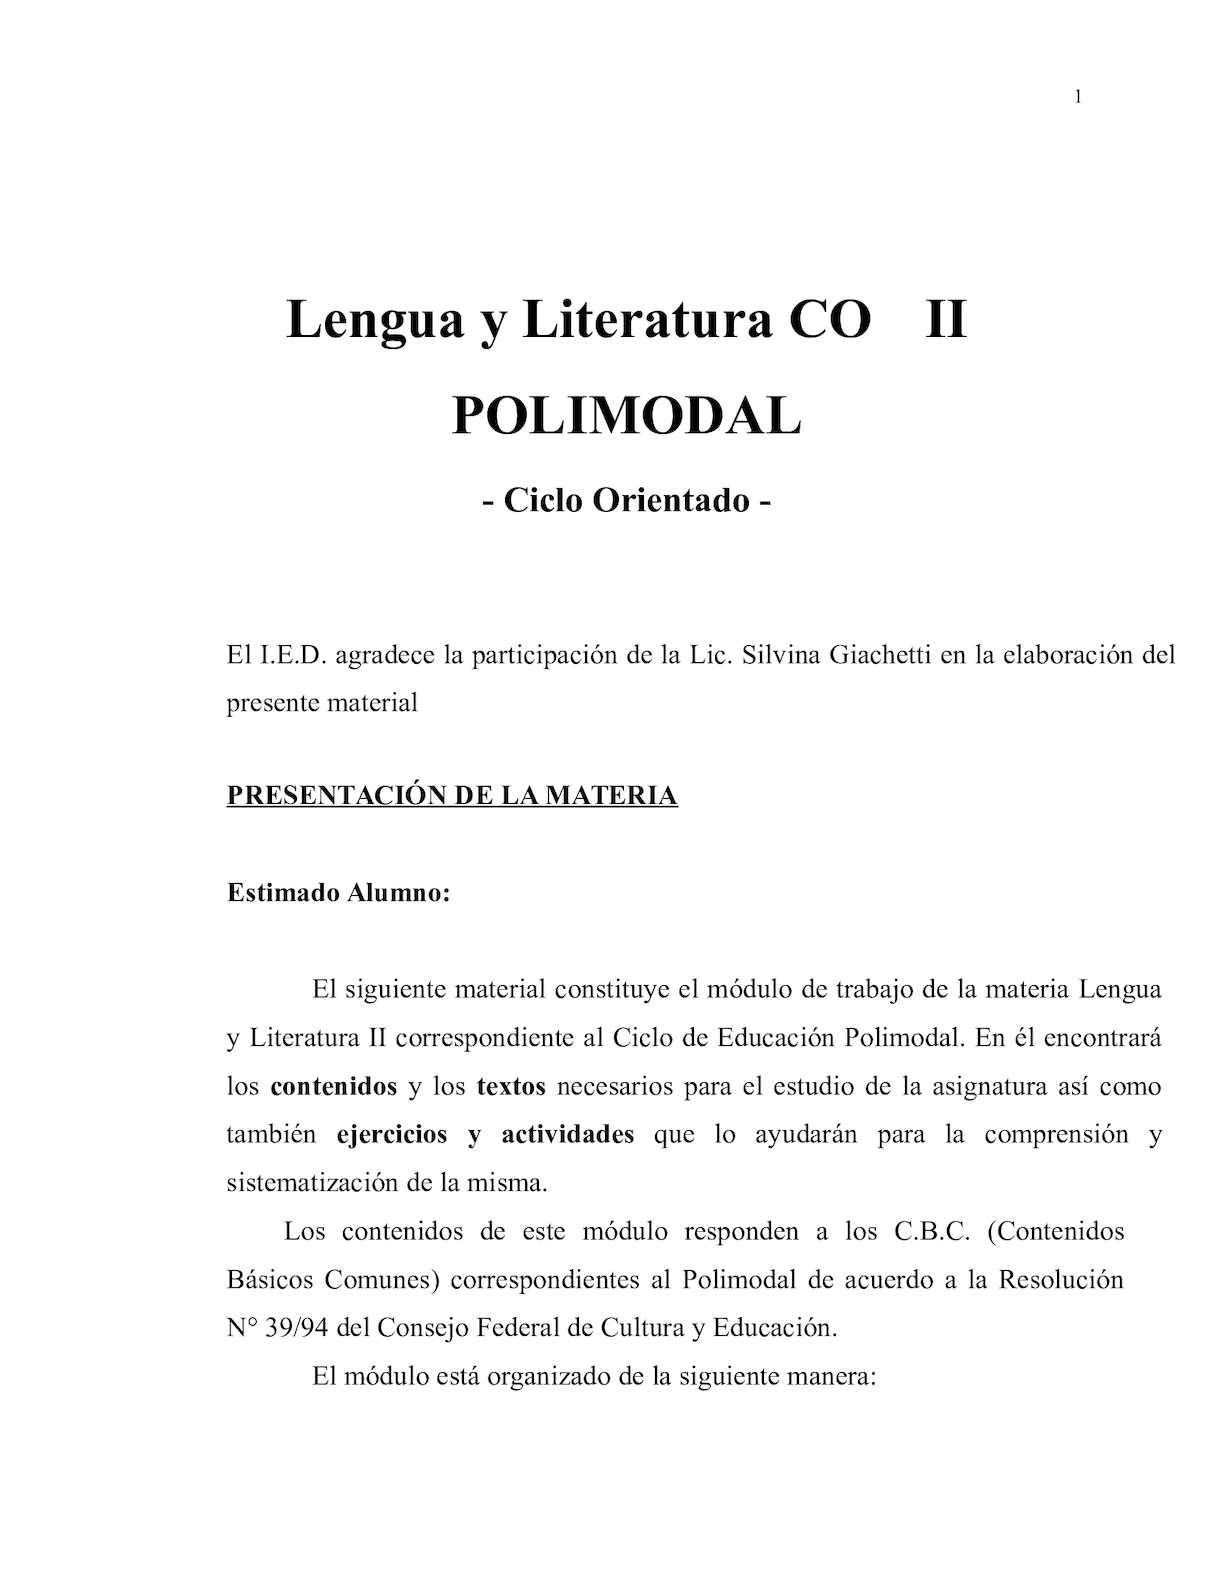 Calaméo - Lengua Y Literatura 3er Ciclo